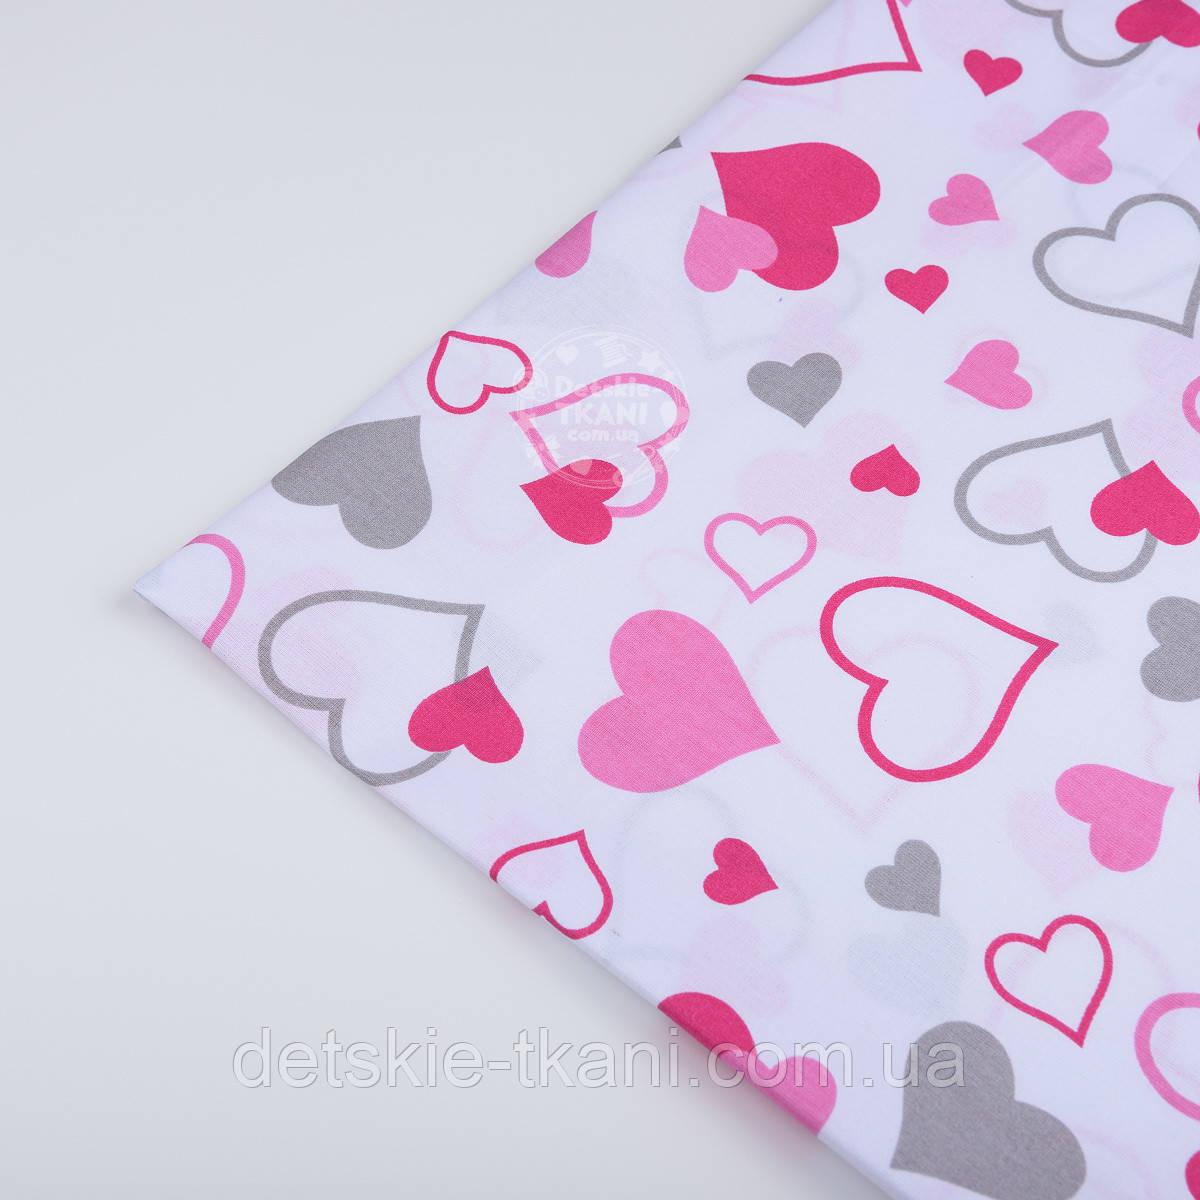 """Лоскут ткани №997  """"Love"""" с малиново-розовыми и серыми сердцами на белом фоне"""